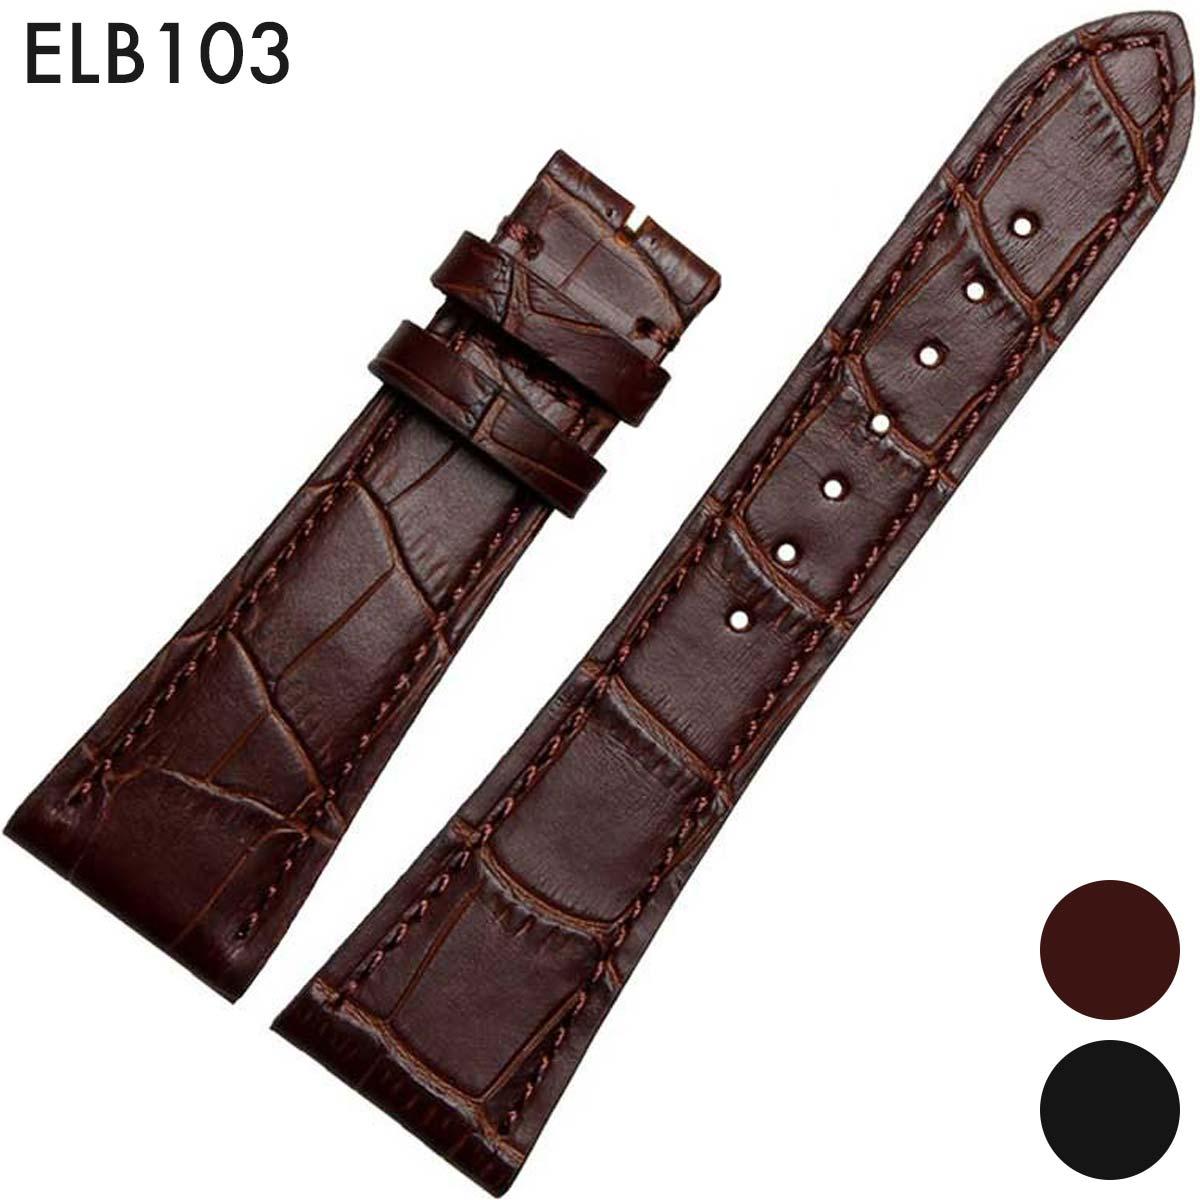 腕時計ベルト 腕時計バンド 替えストラップ 社外品 汎用レザーベルト 革ベルト 取付幅25mm 適用: Patek Philippe パテック・フィリップ [W409872] (尾錠)バックルなし [ Eight - ELB103 ]